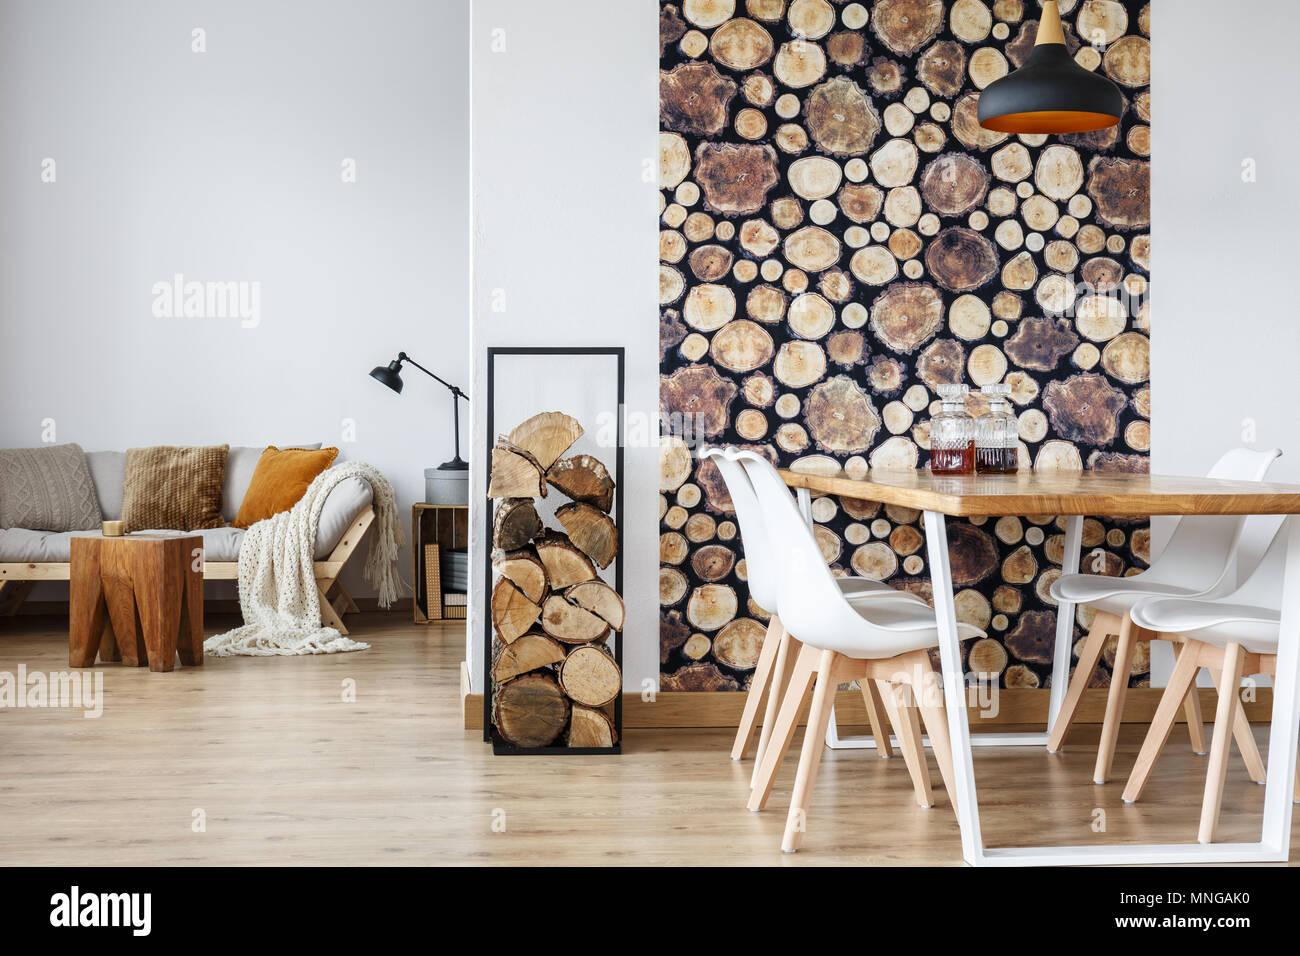 Offenes Esszimmer Innenraum Mit Brennholz Gemeinschaftstisch Und